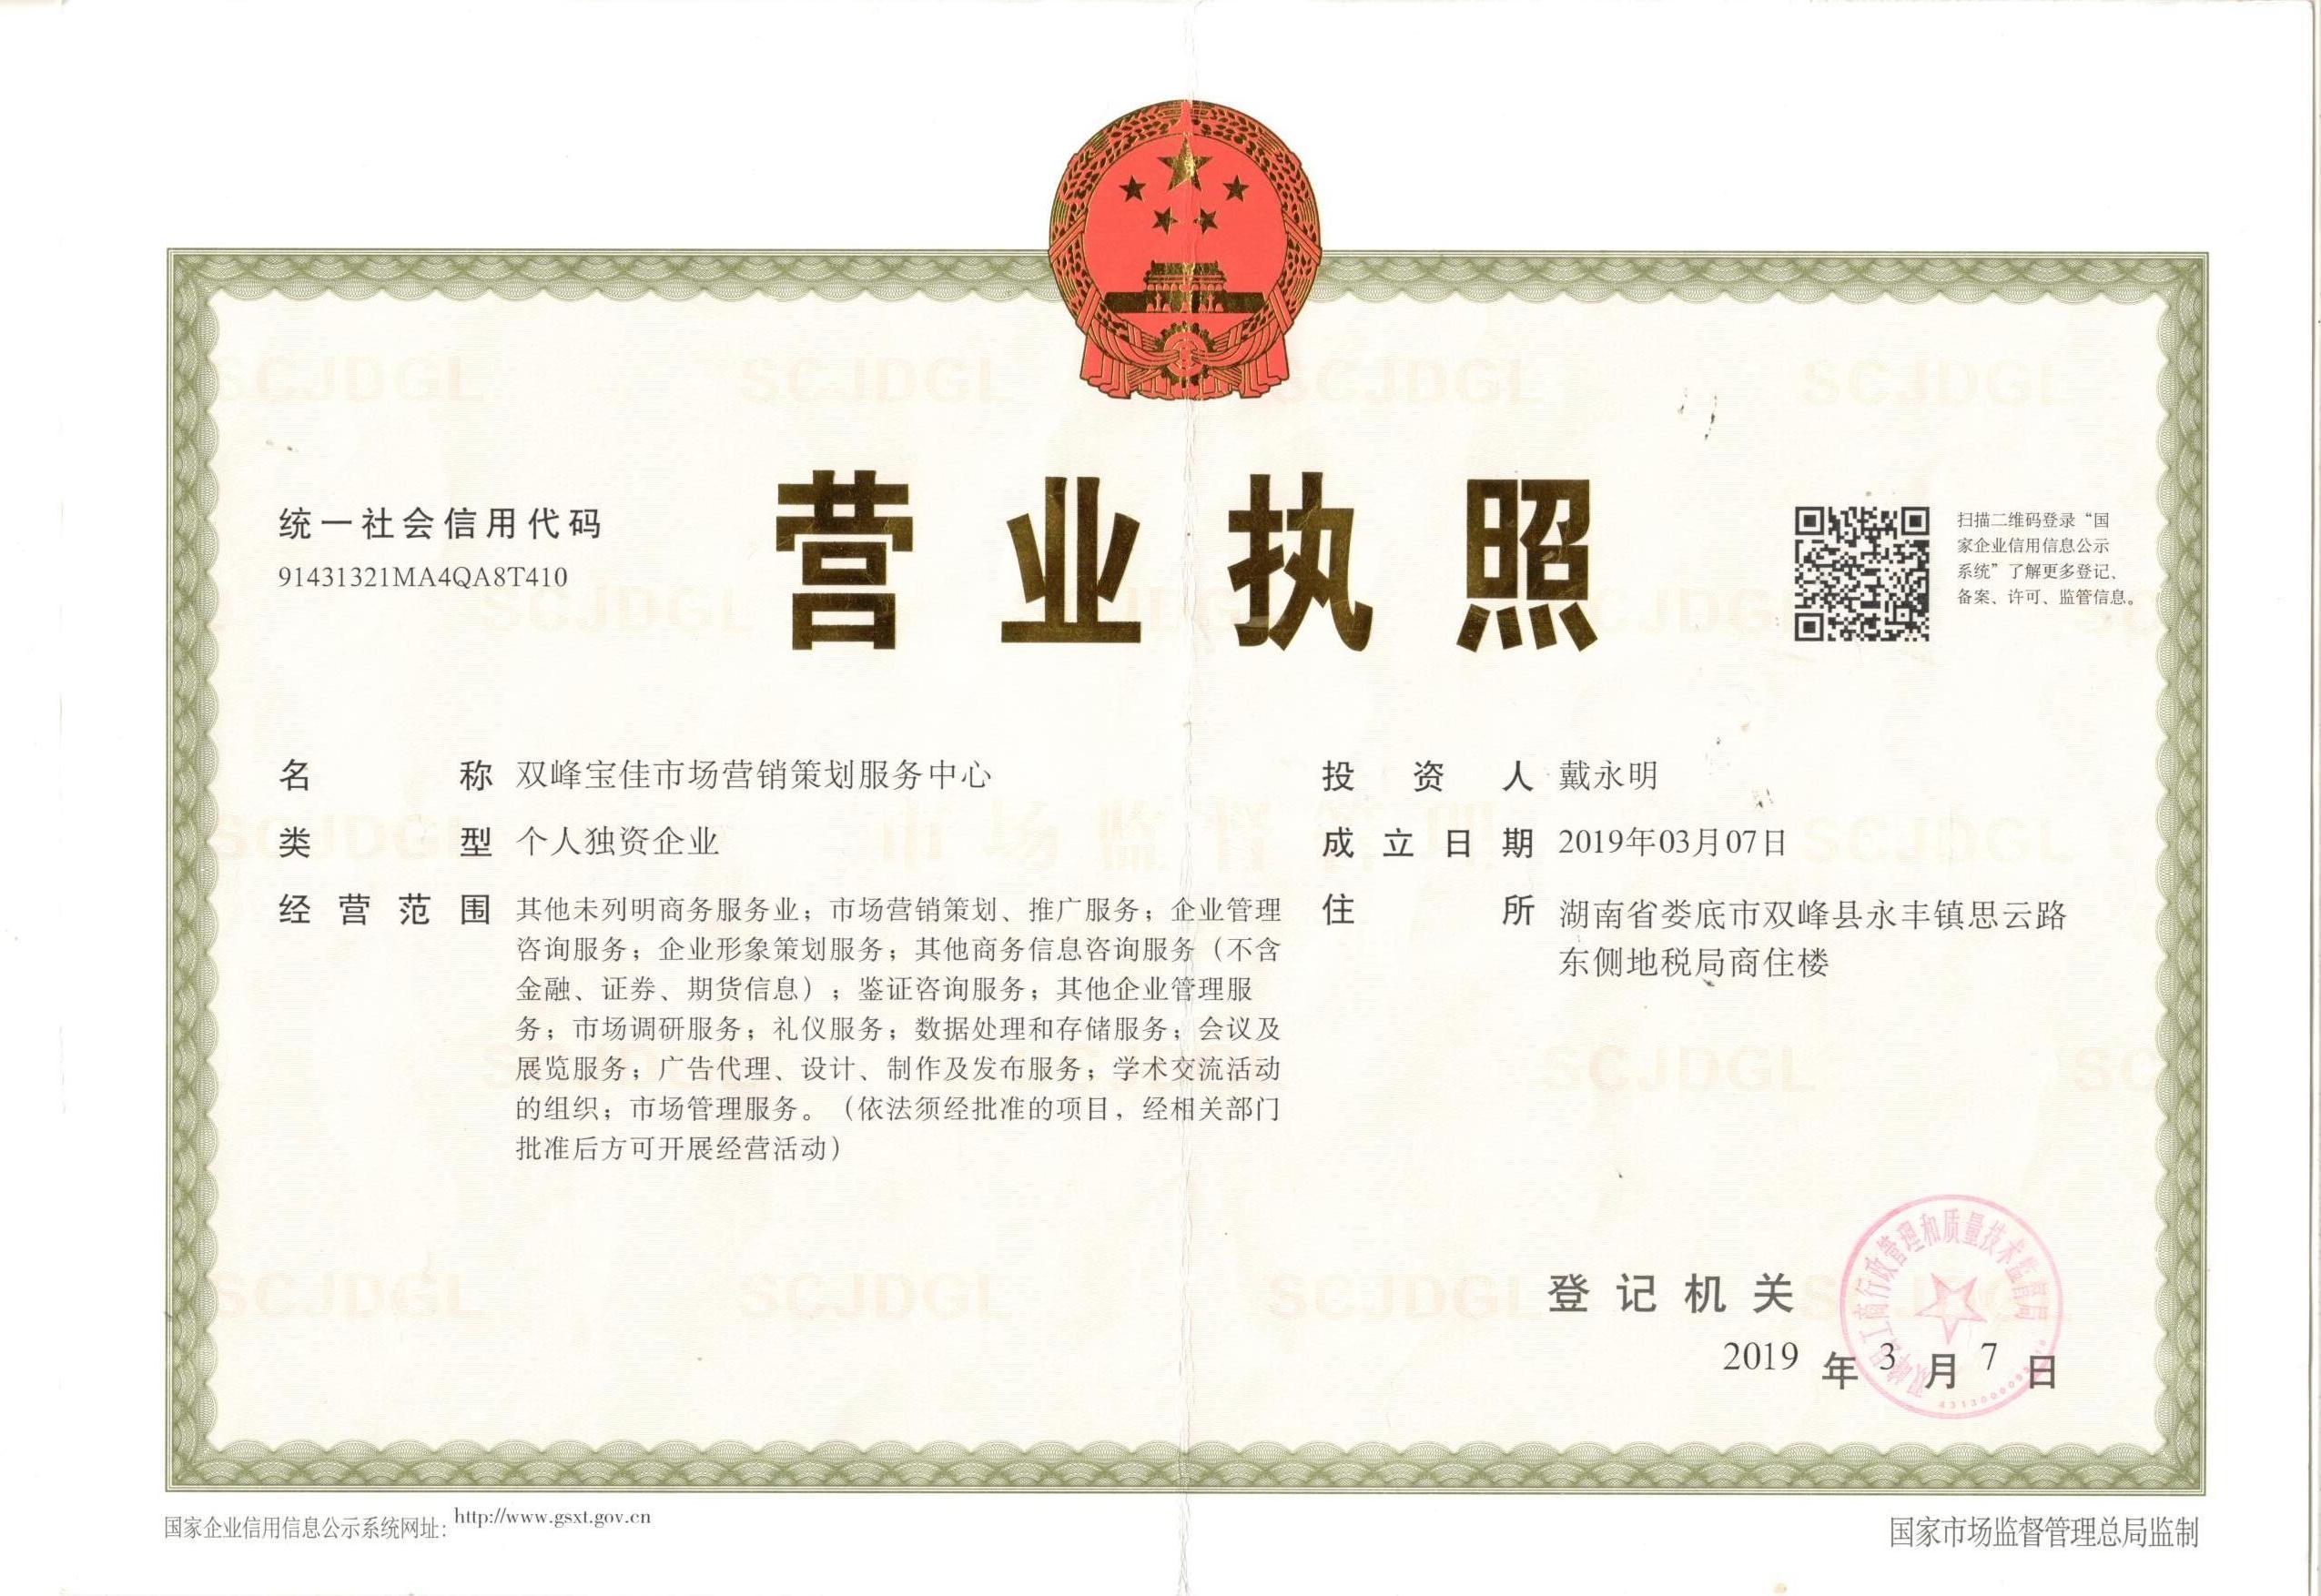 双峰宝佳市场营销策划服务中心